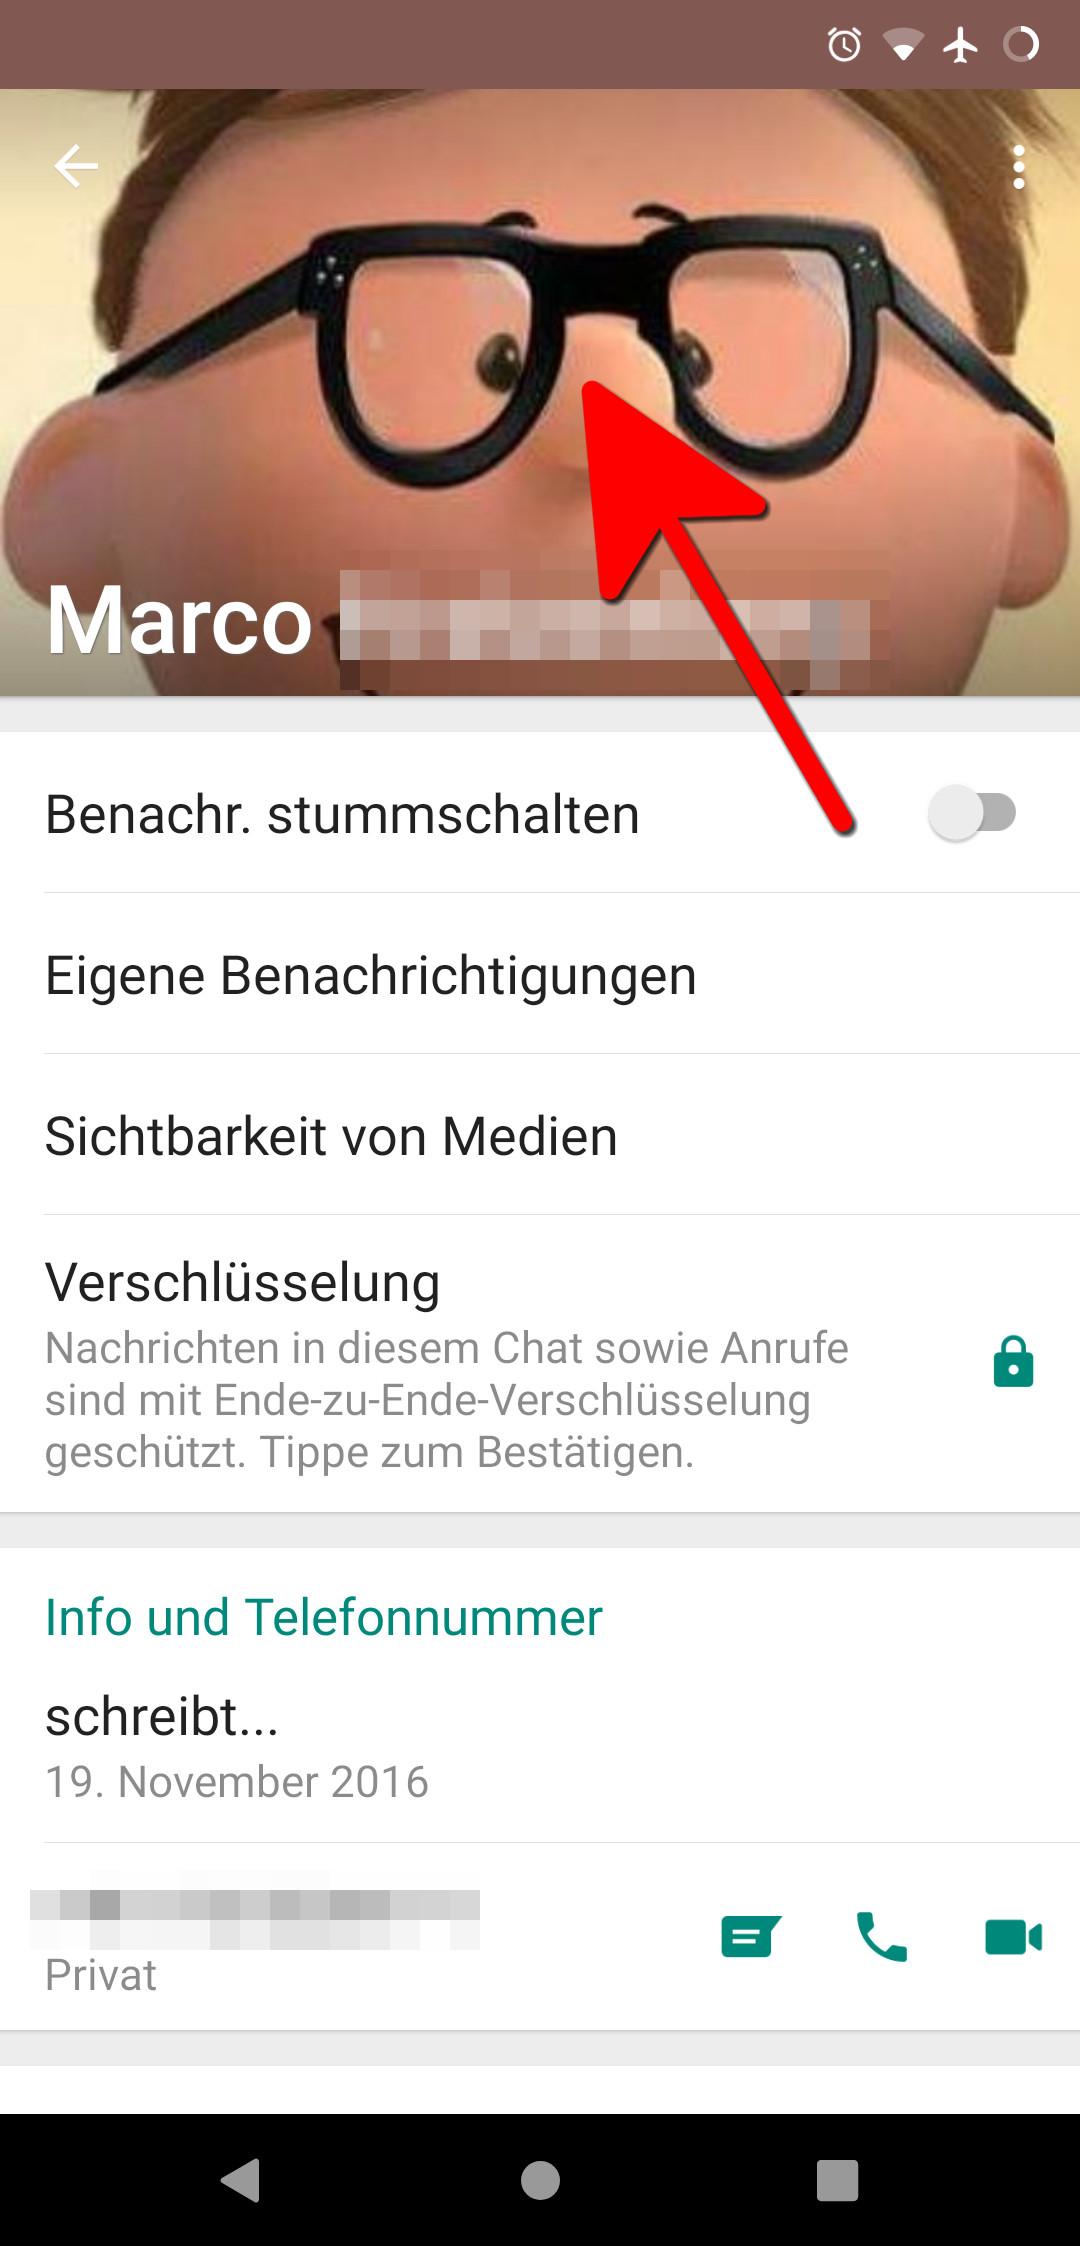 Profilbild Whatsapp